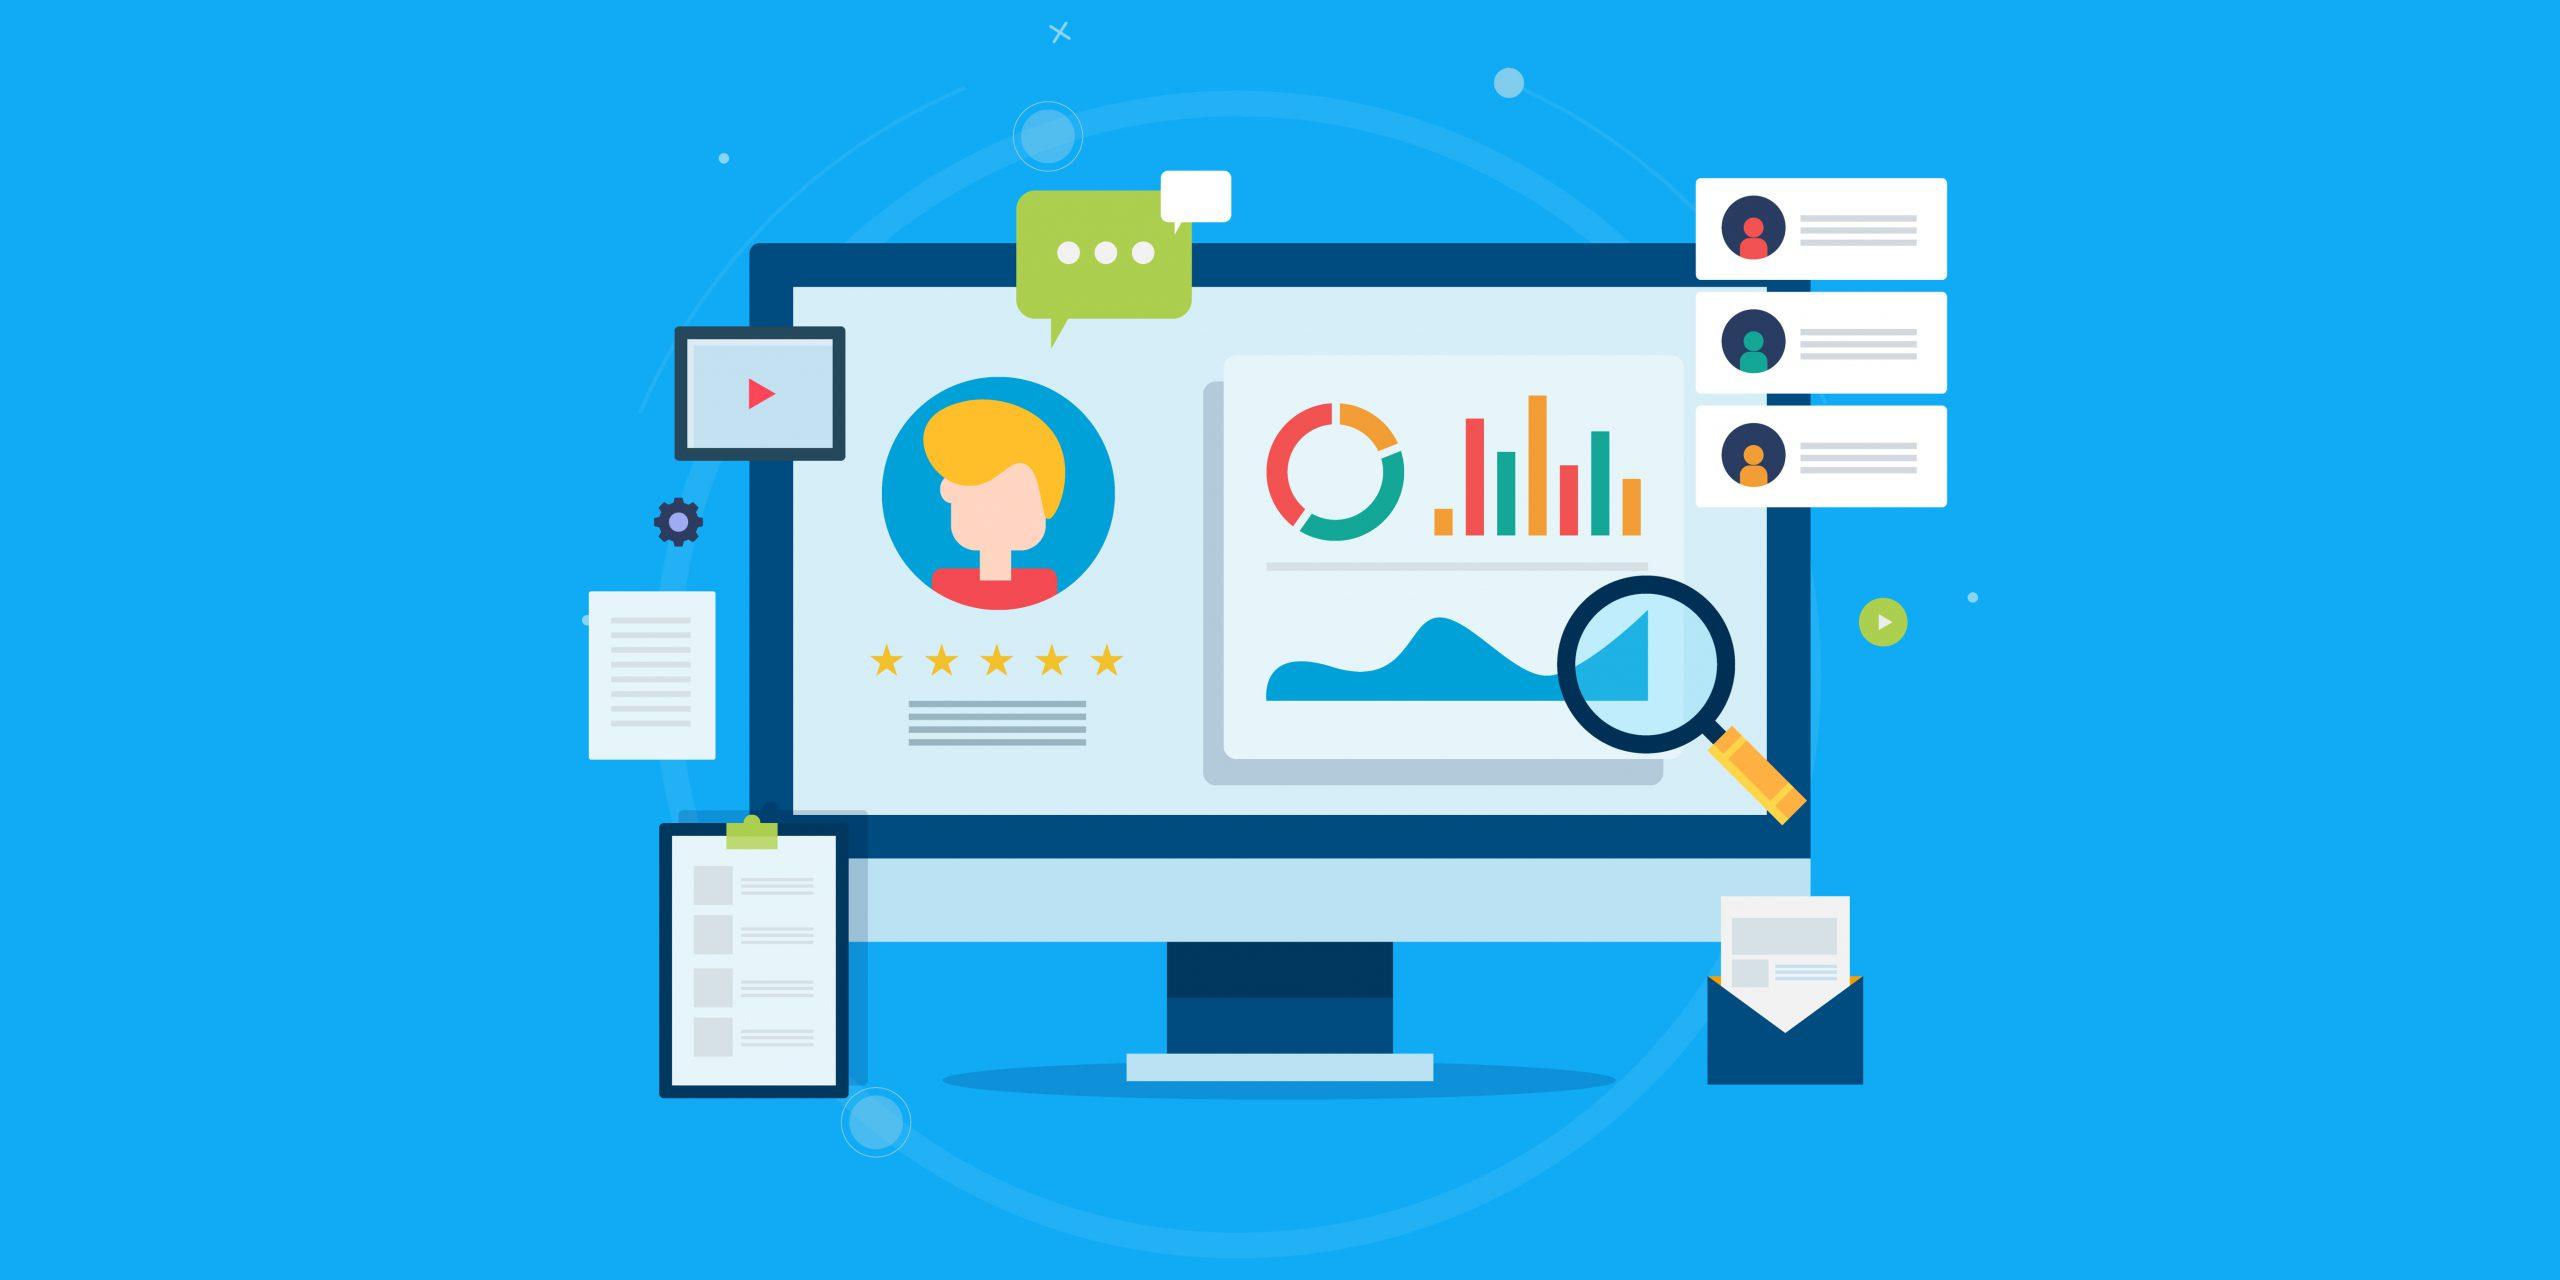 ビジネスプロセスサービス活用のメリットと成功のポイント